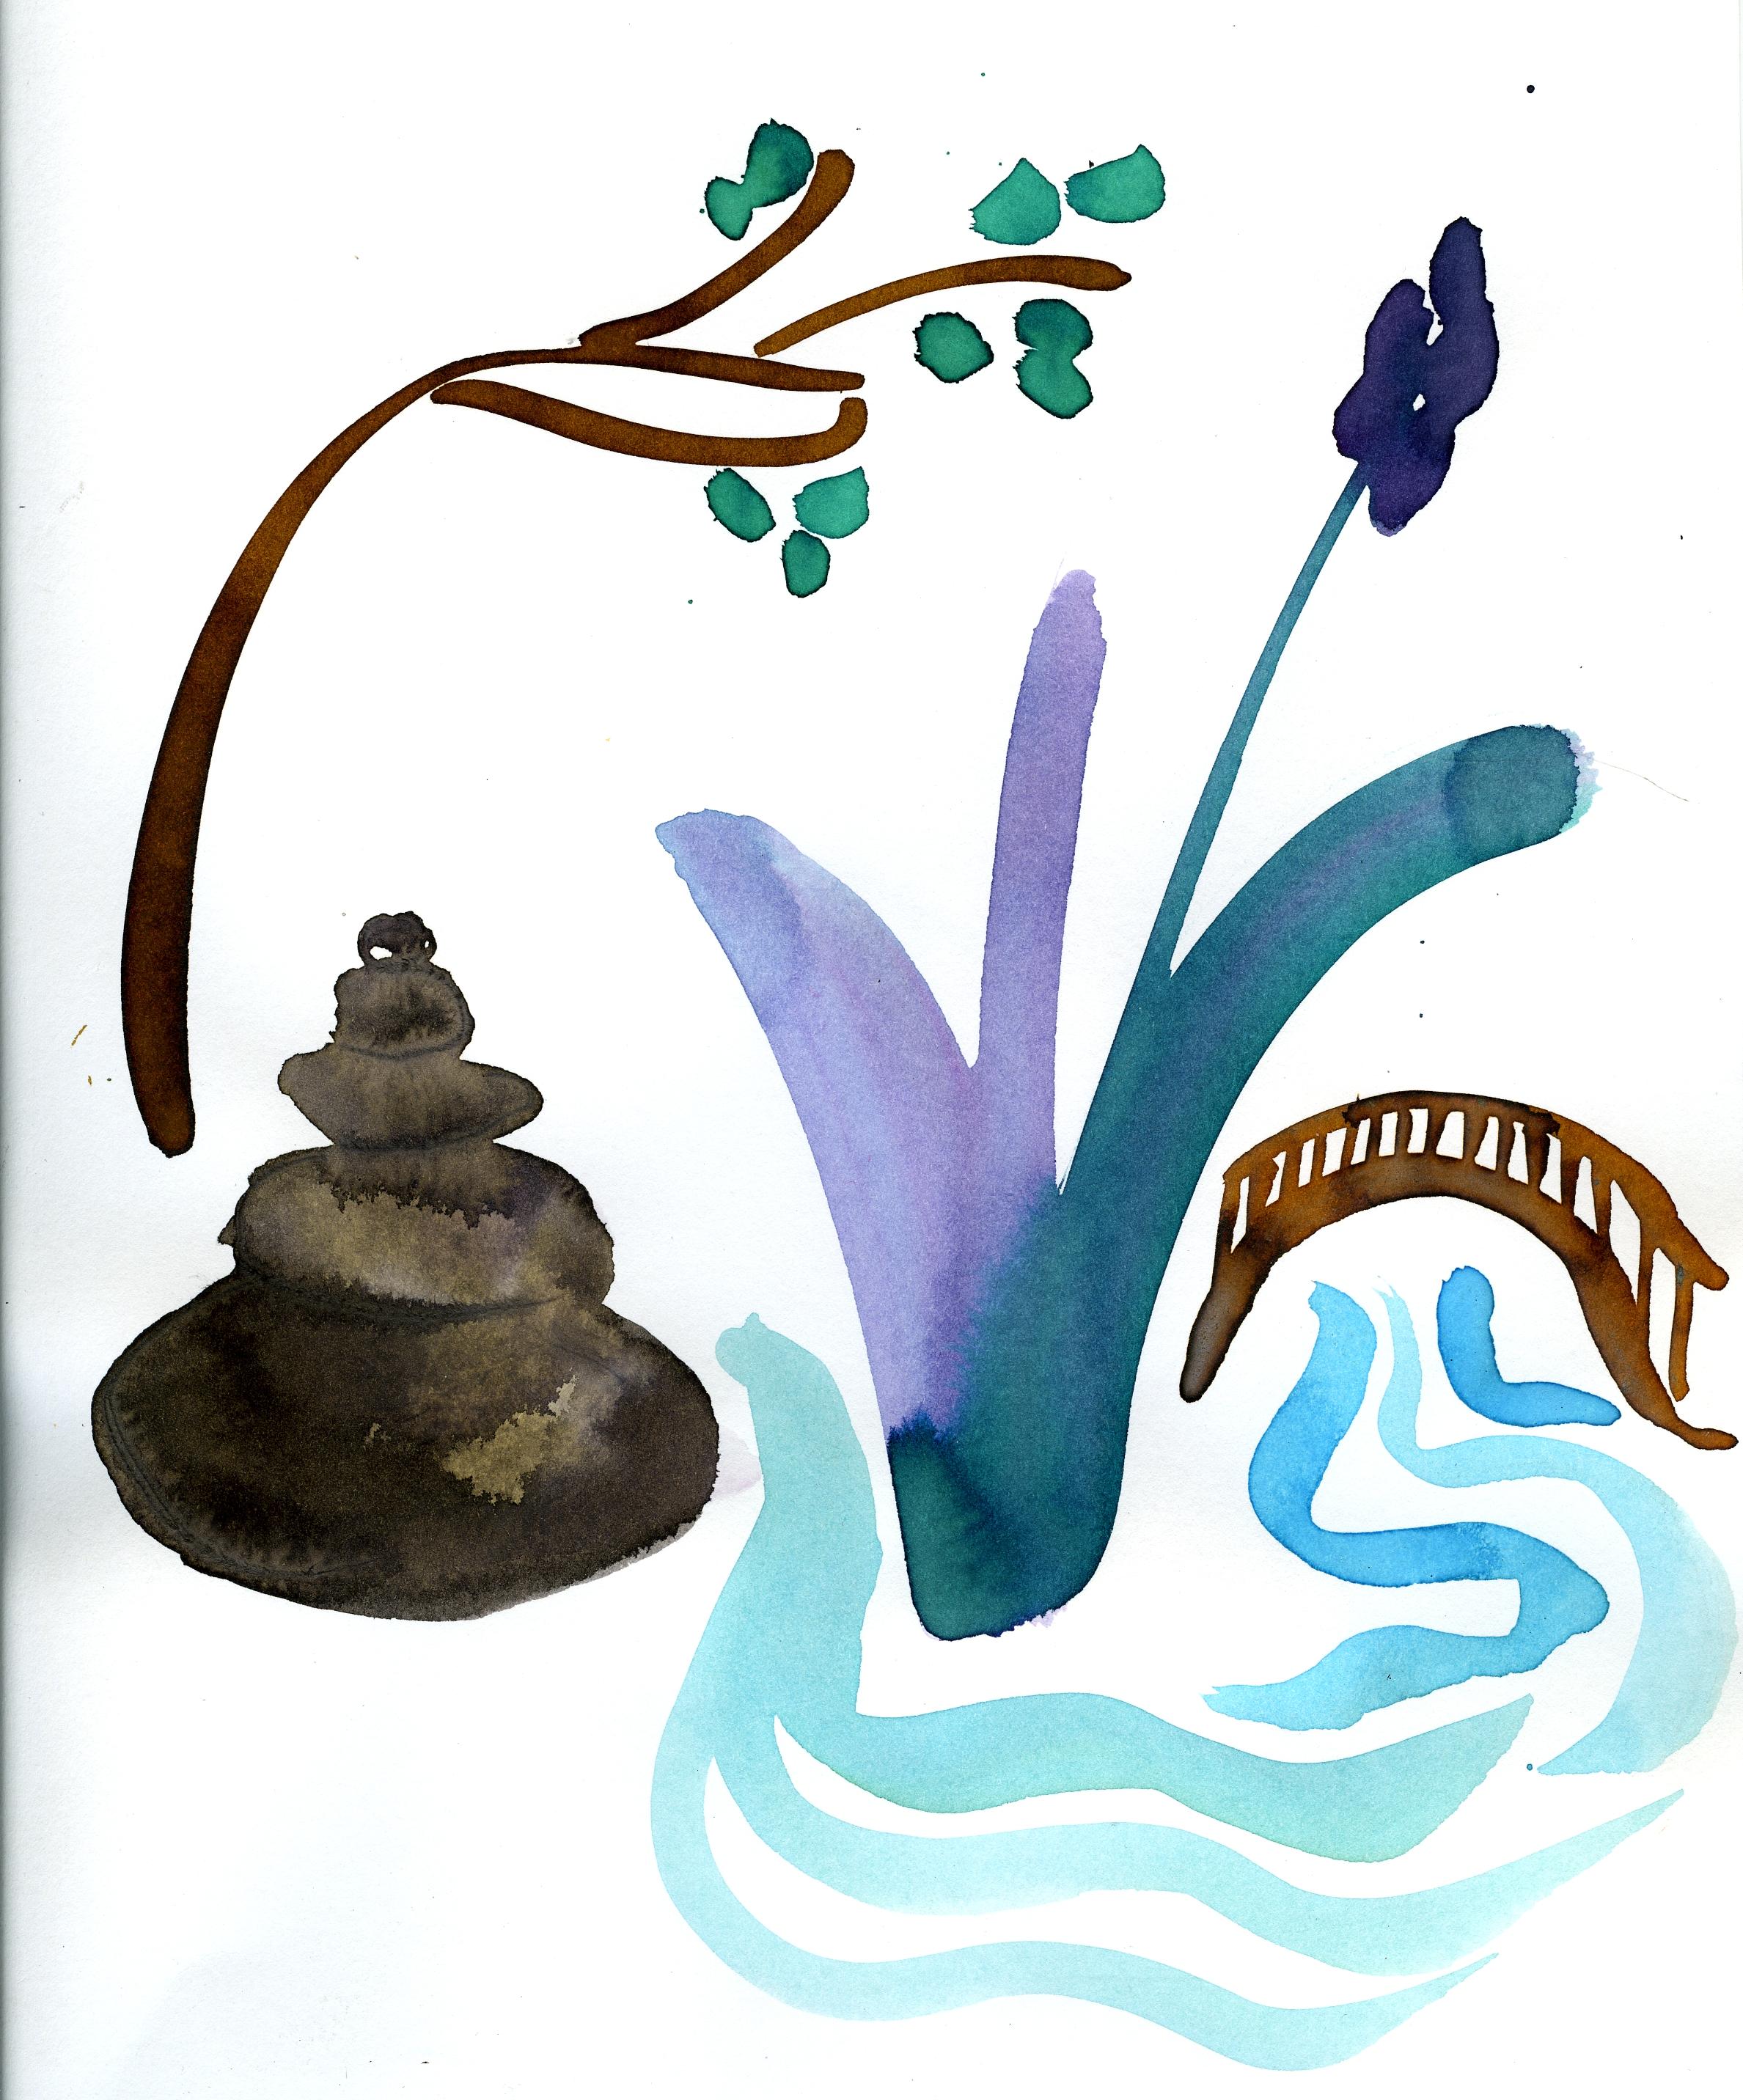 Feng Shui – The Way of Change. Il primo grande evento internazionale dedicato al Feng Shui autentico, una Via per ristabilire l'equilibrio armonico tra Uomo e Ambiente